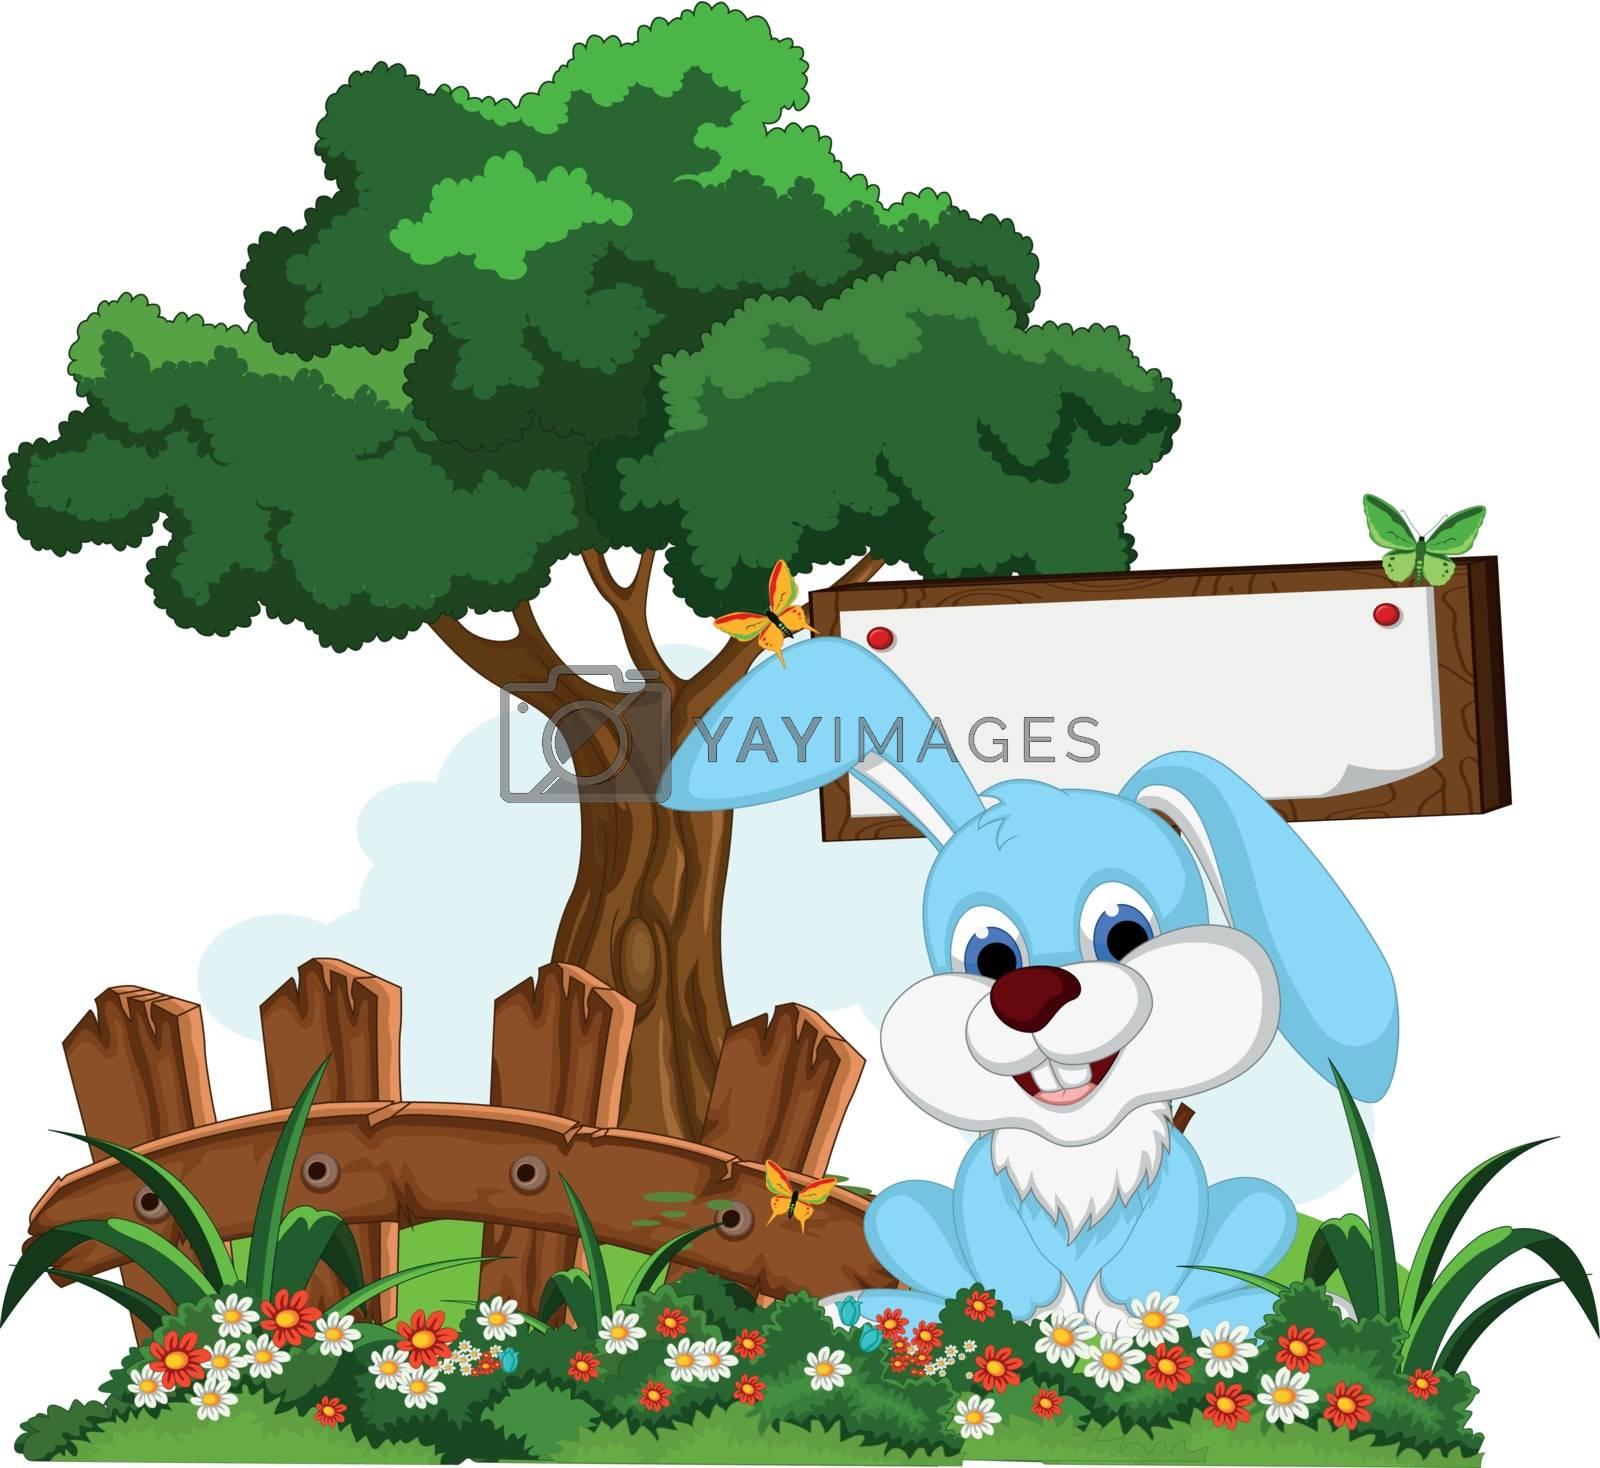 Royalty free image of cute rabbit cartoon with blank board in flower garden by sujono